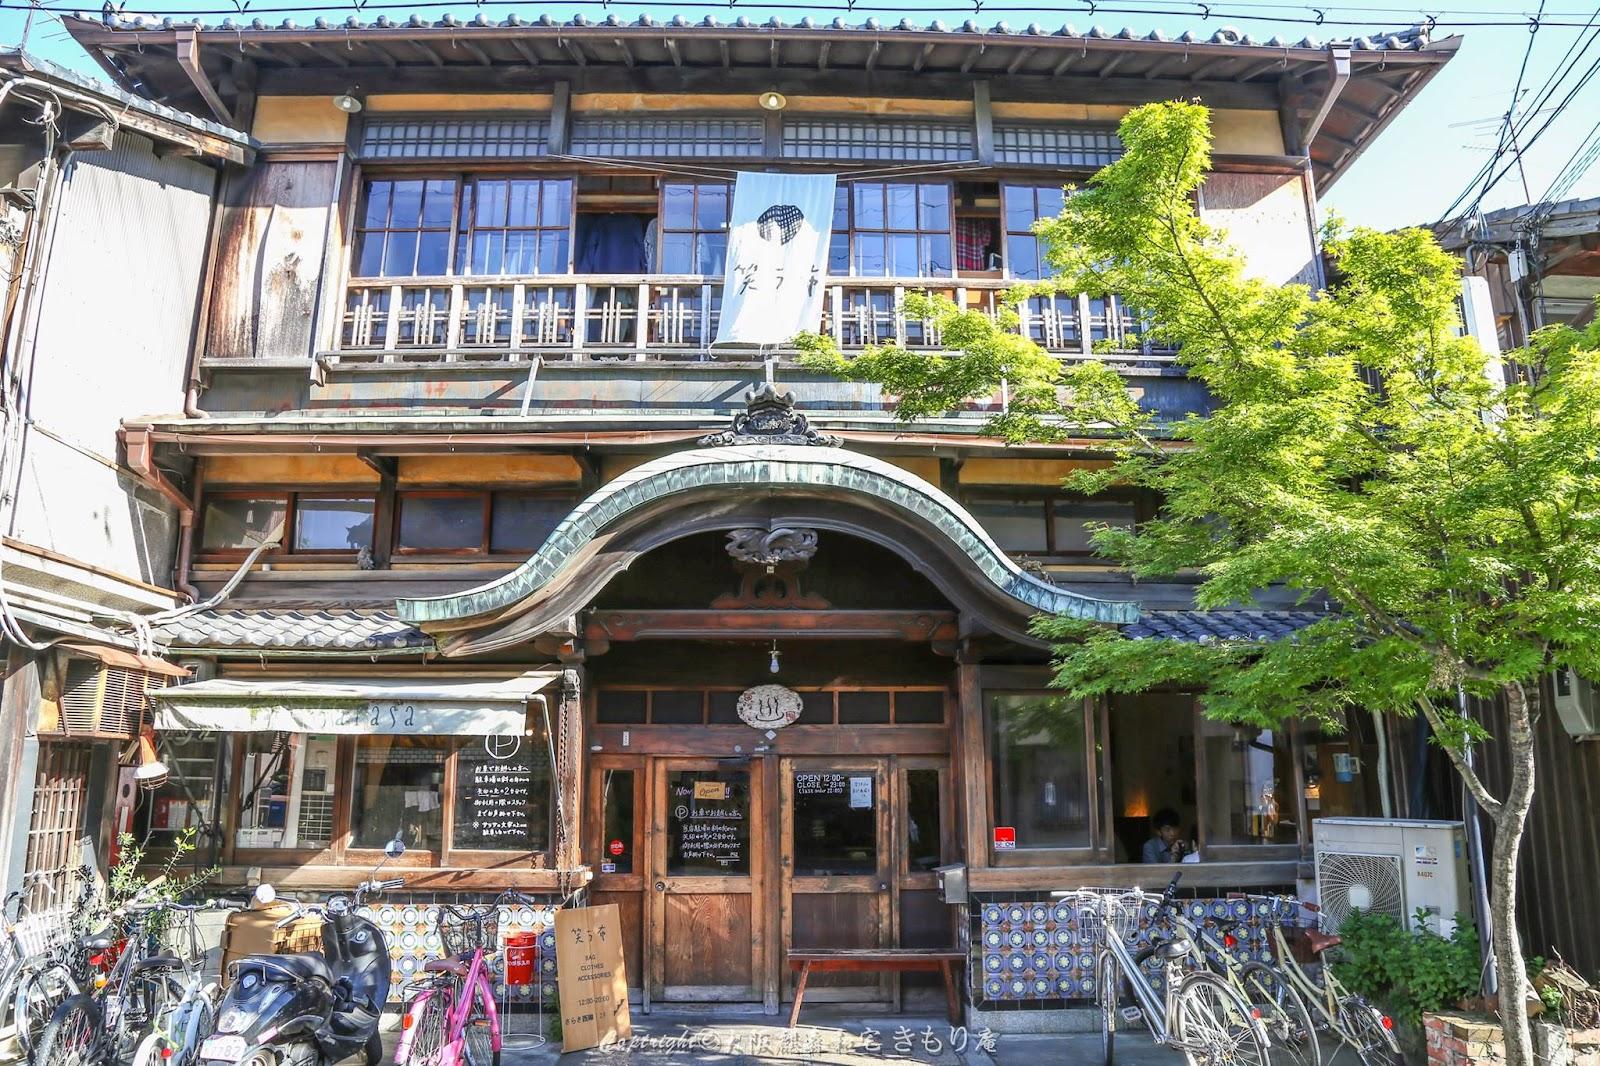 京都さらさ西陣澡堂咖啡廳